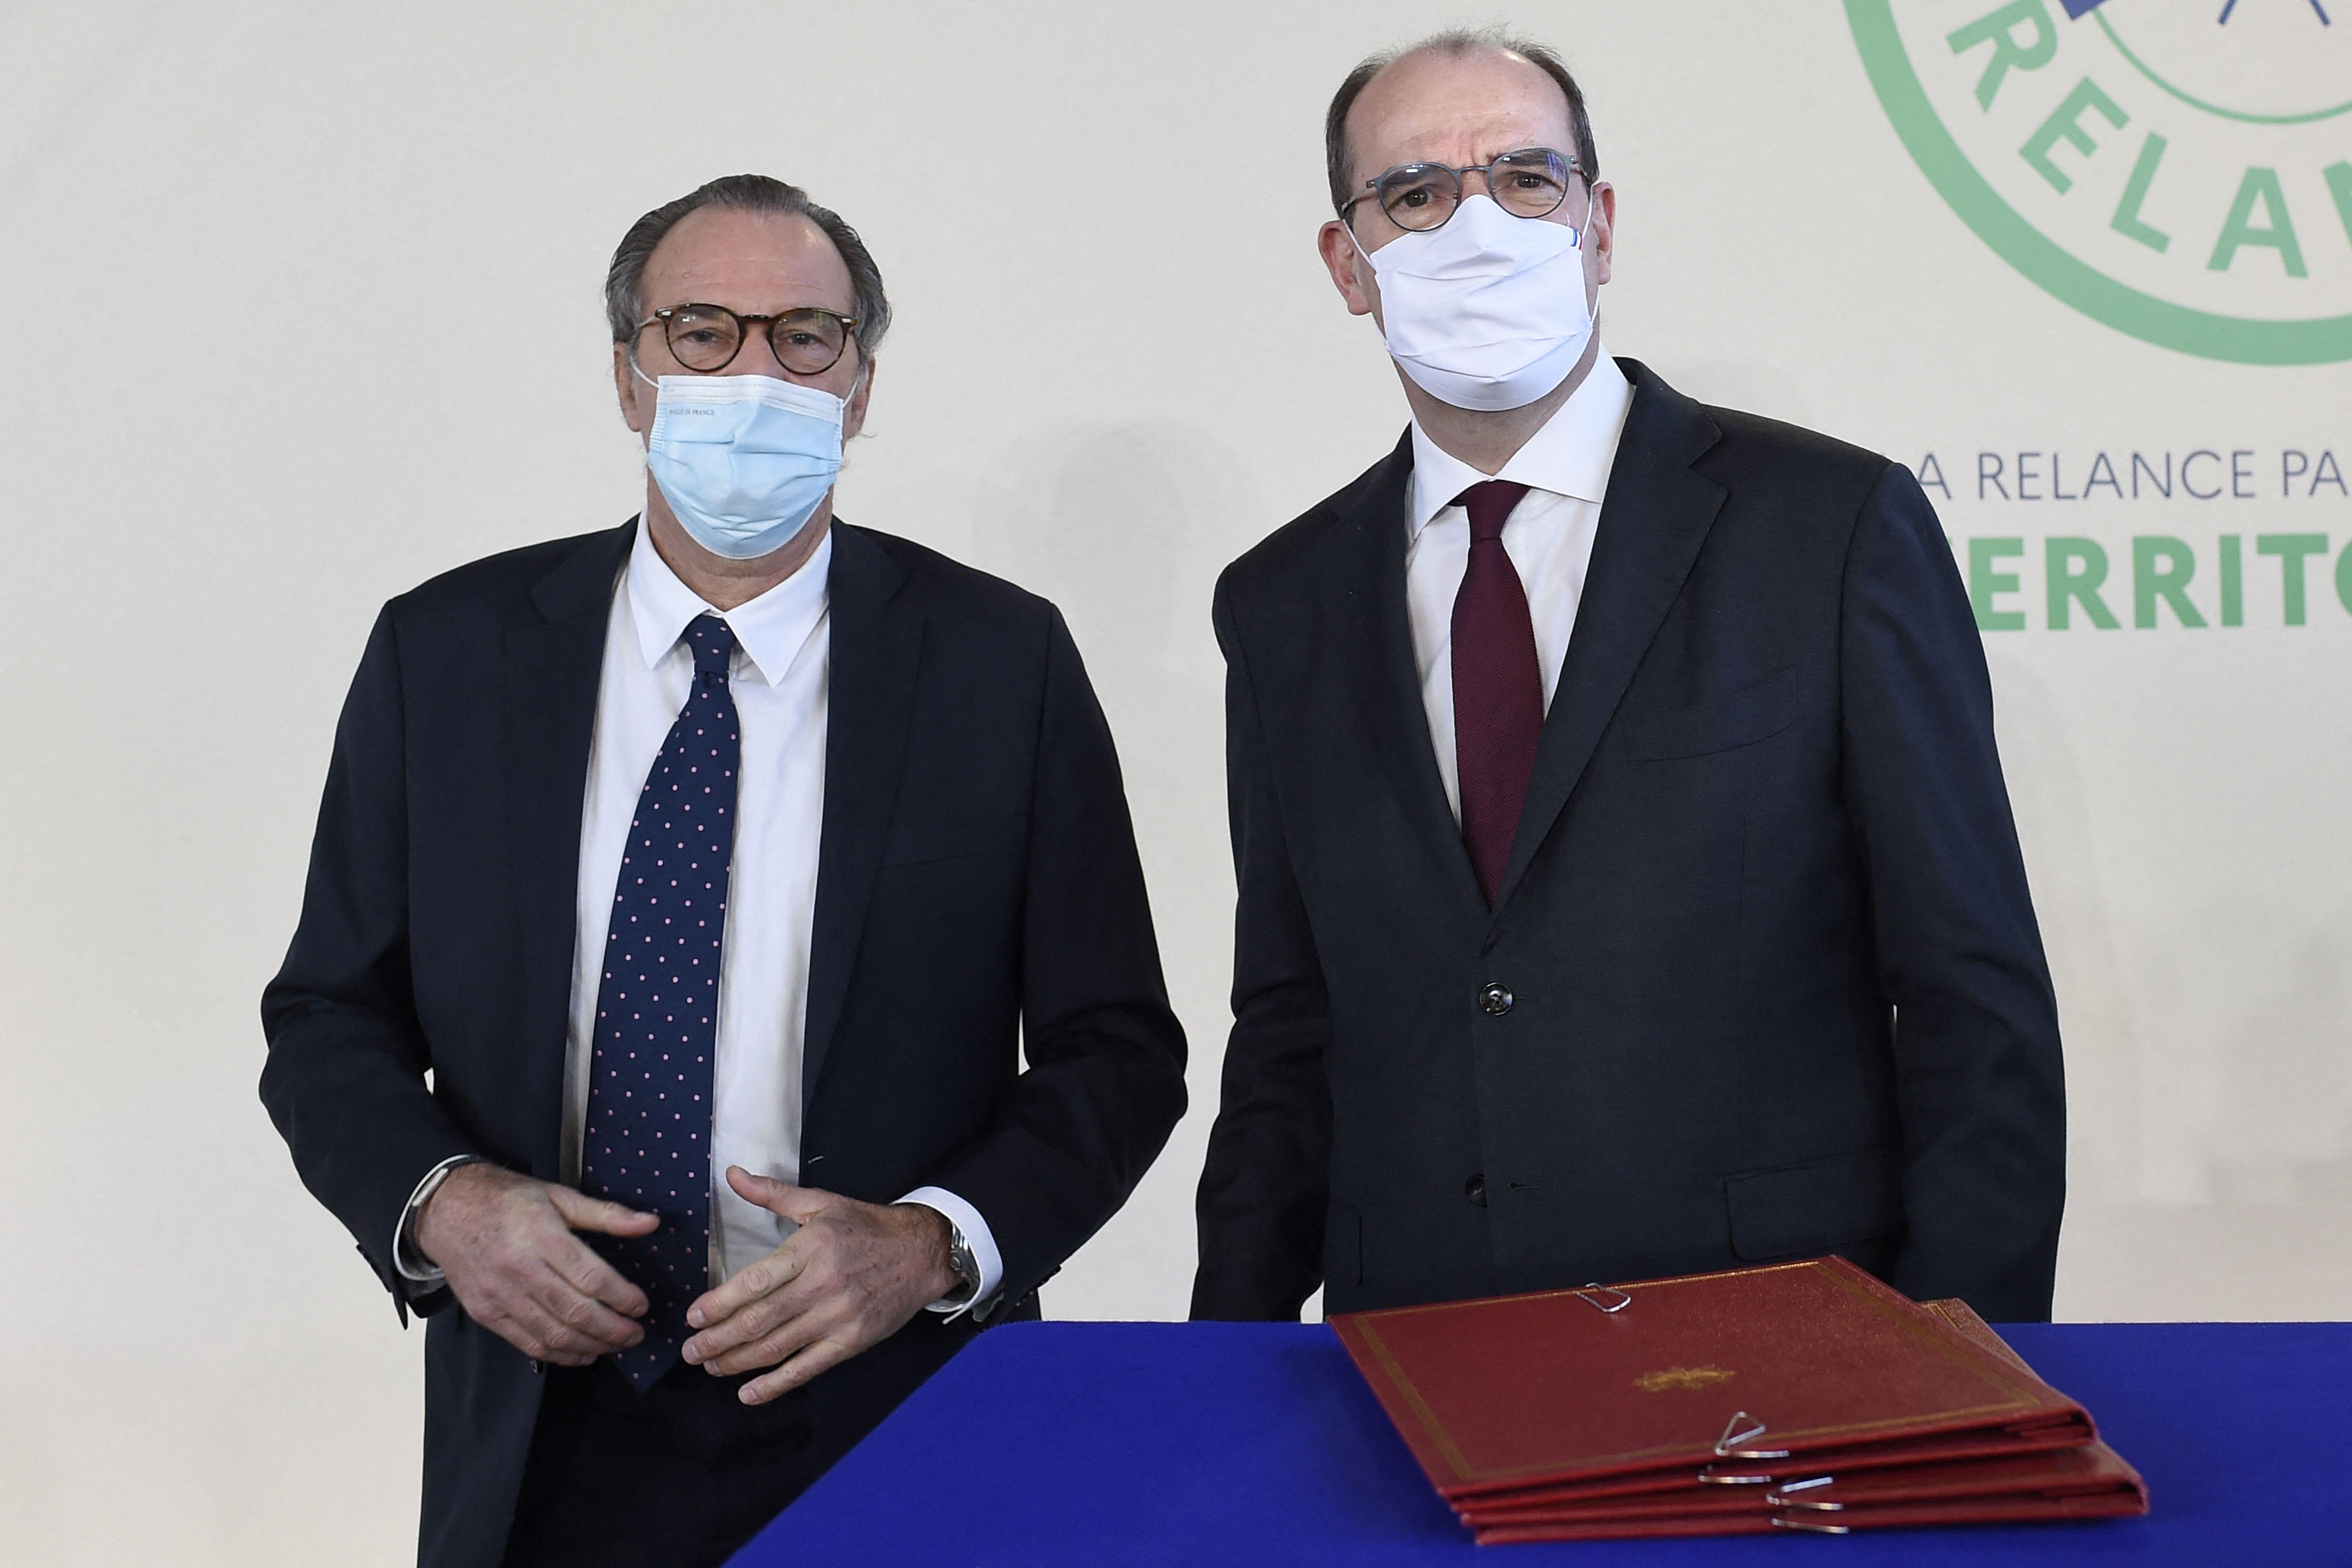 Renaud Muselier et Jean Castex, ici à Toulon le 5 janvier